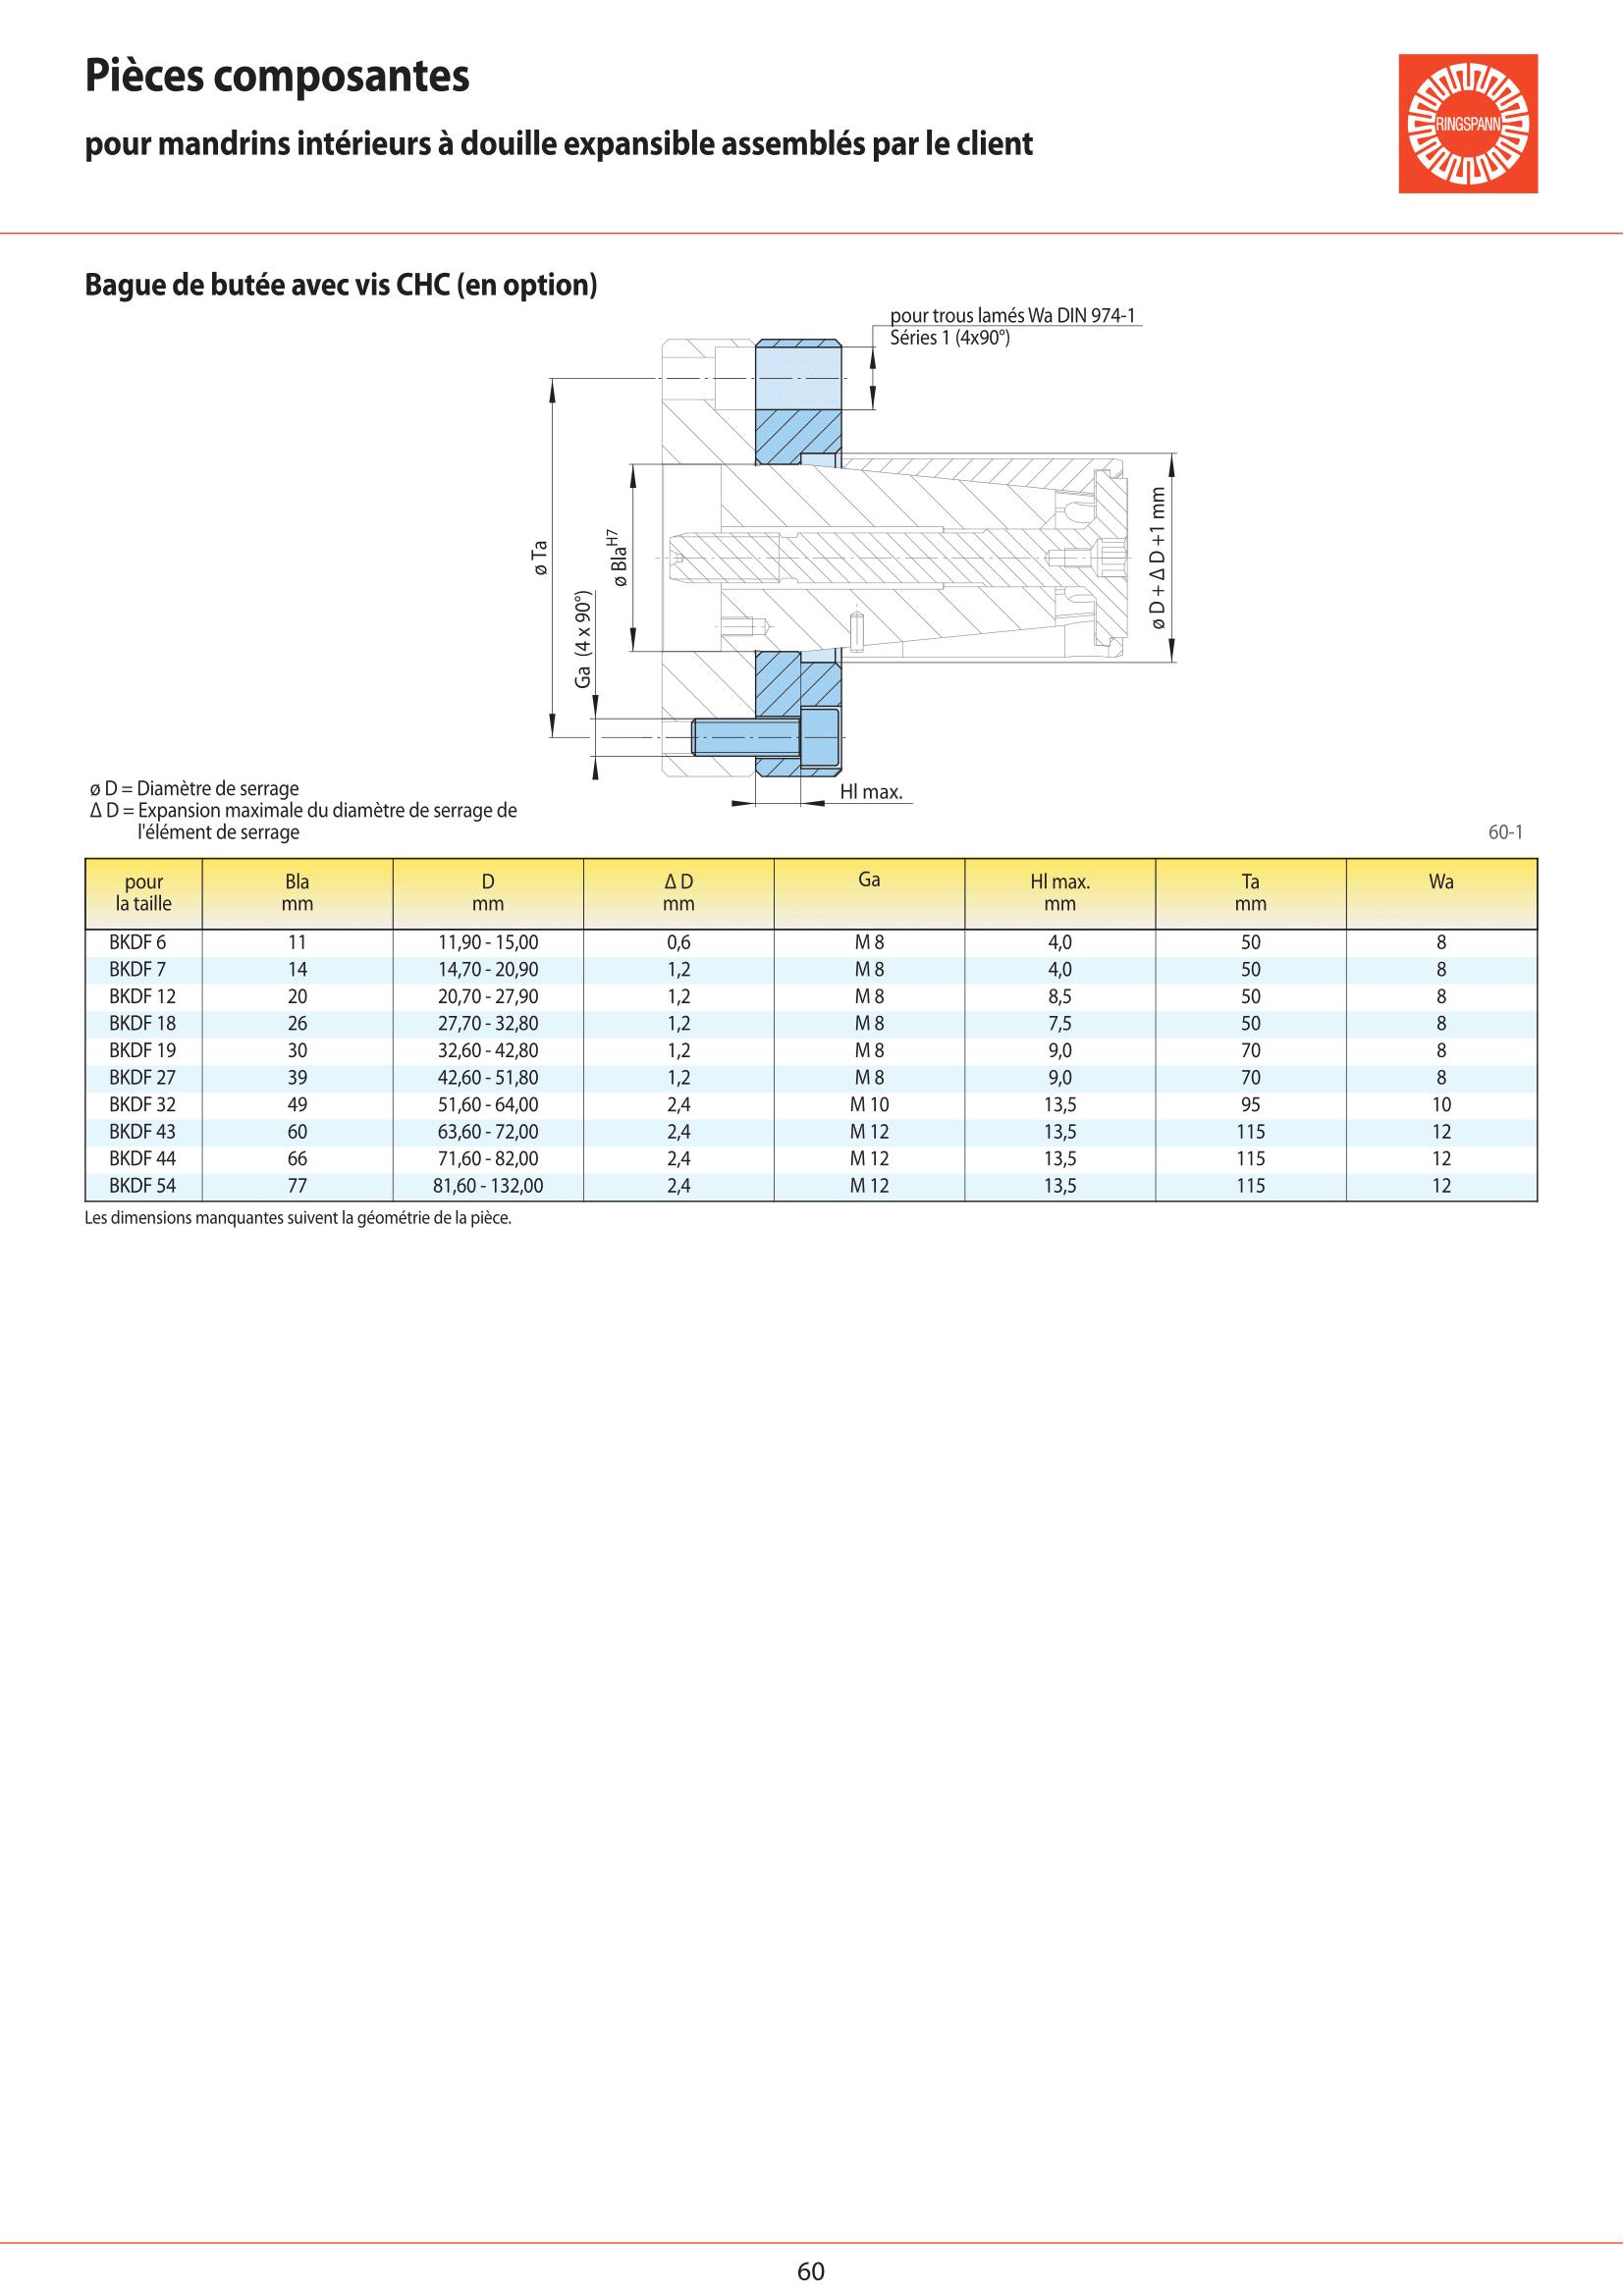 Fiche technique - BKDF 44 page 9